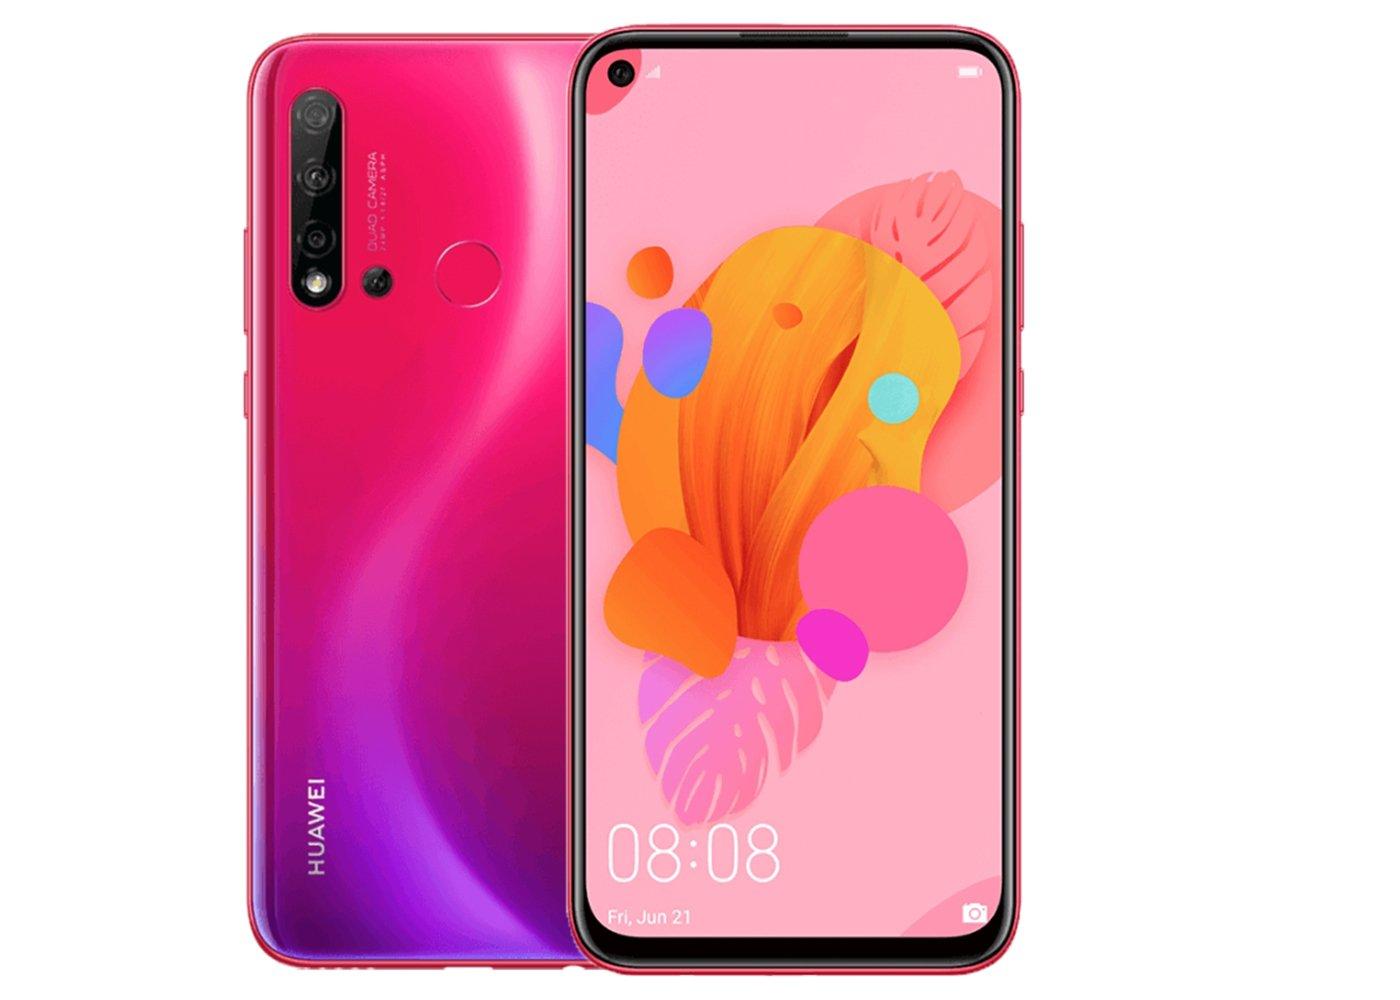 Huawei chuan bi ra mat mot chiec smartphone gia re voi man hinh duc lo va 4 camera sau.